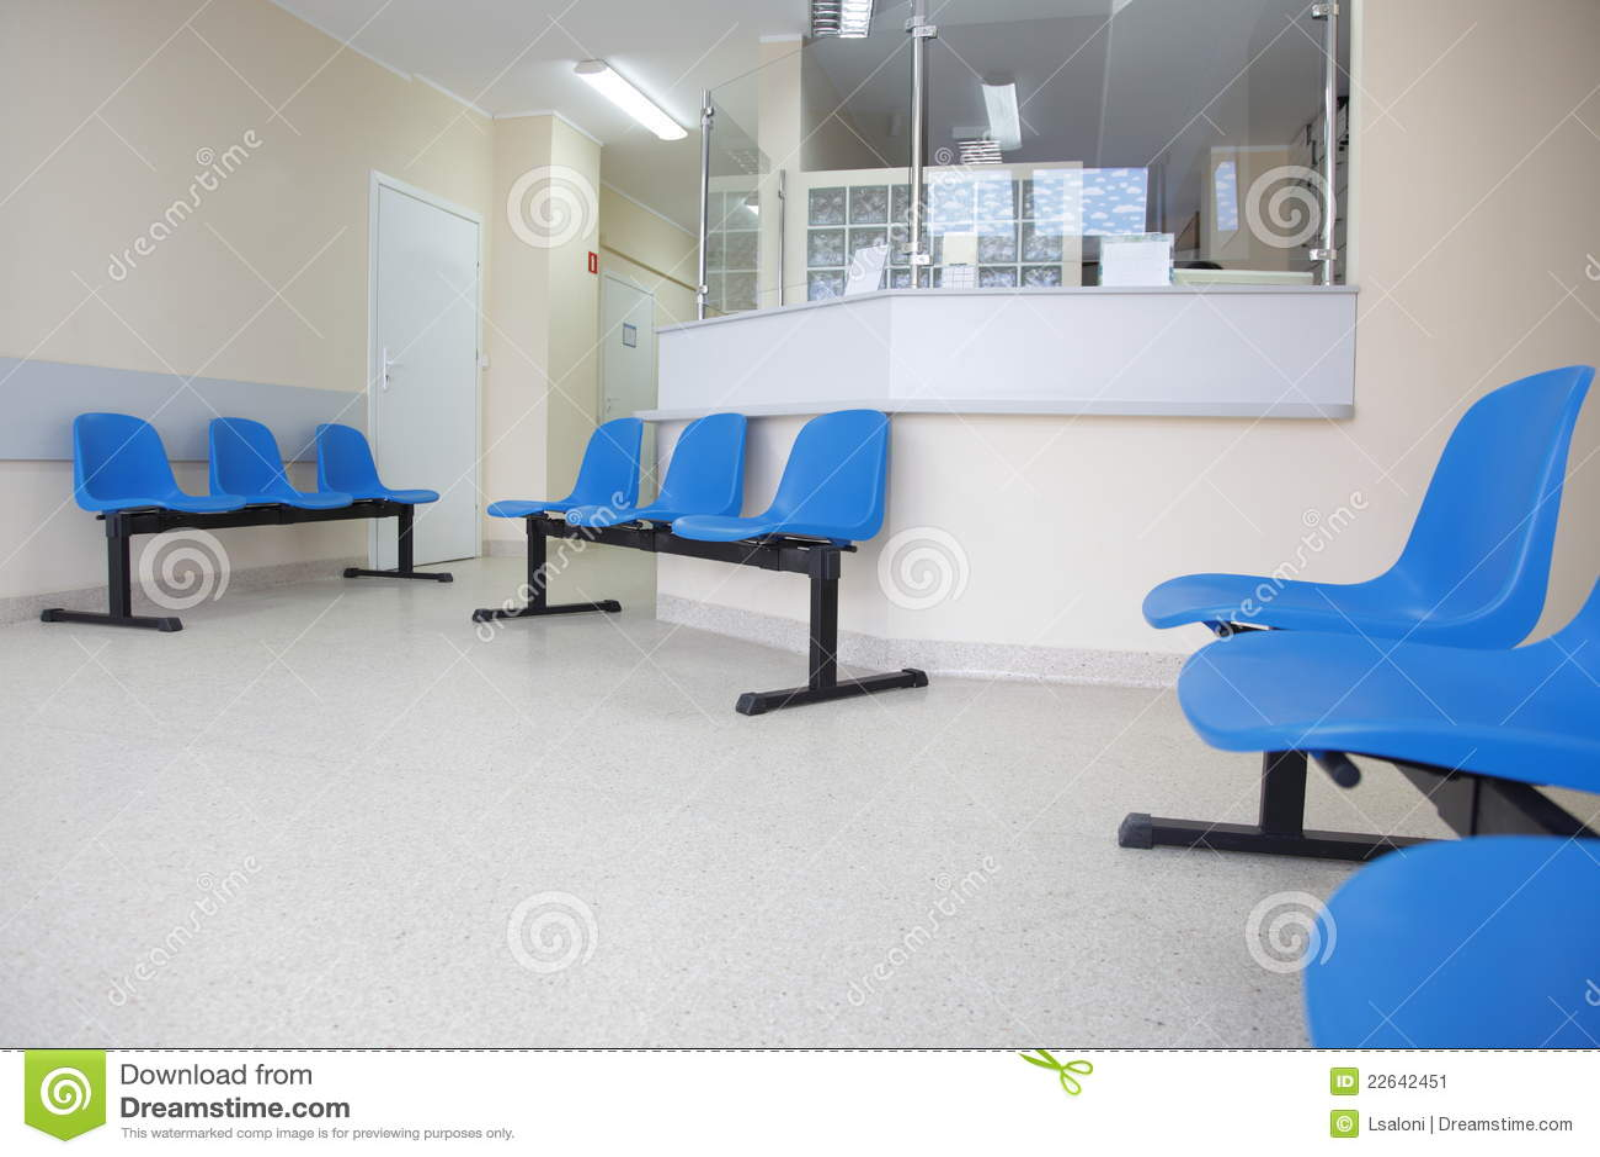 Sillas azules de la sala de espera en el suelo imagen de for Sillas sala de espera